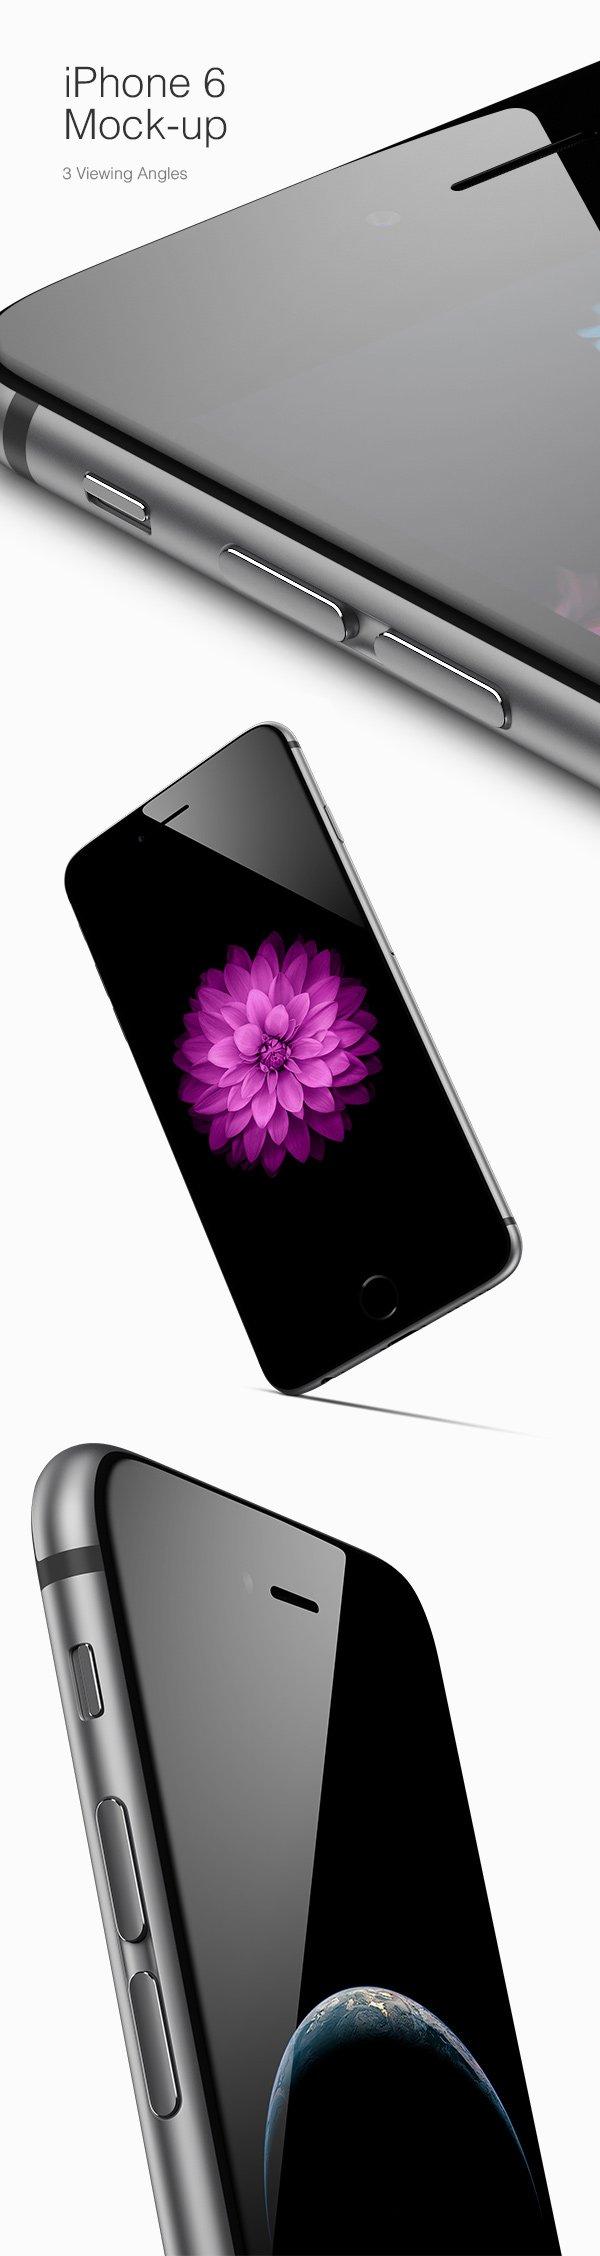 iPhone 6 Mockups (.Psd) скачать бесплатно